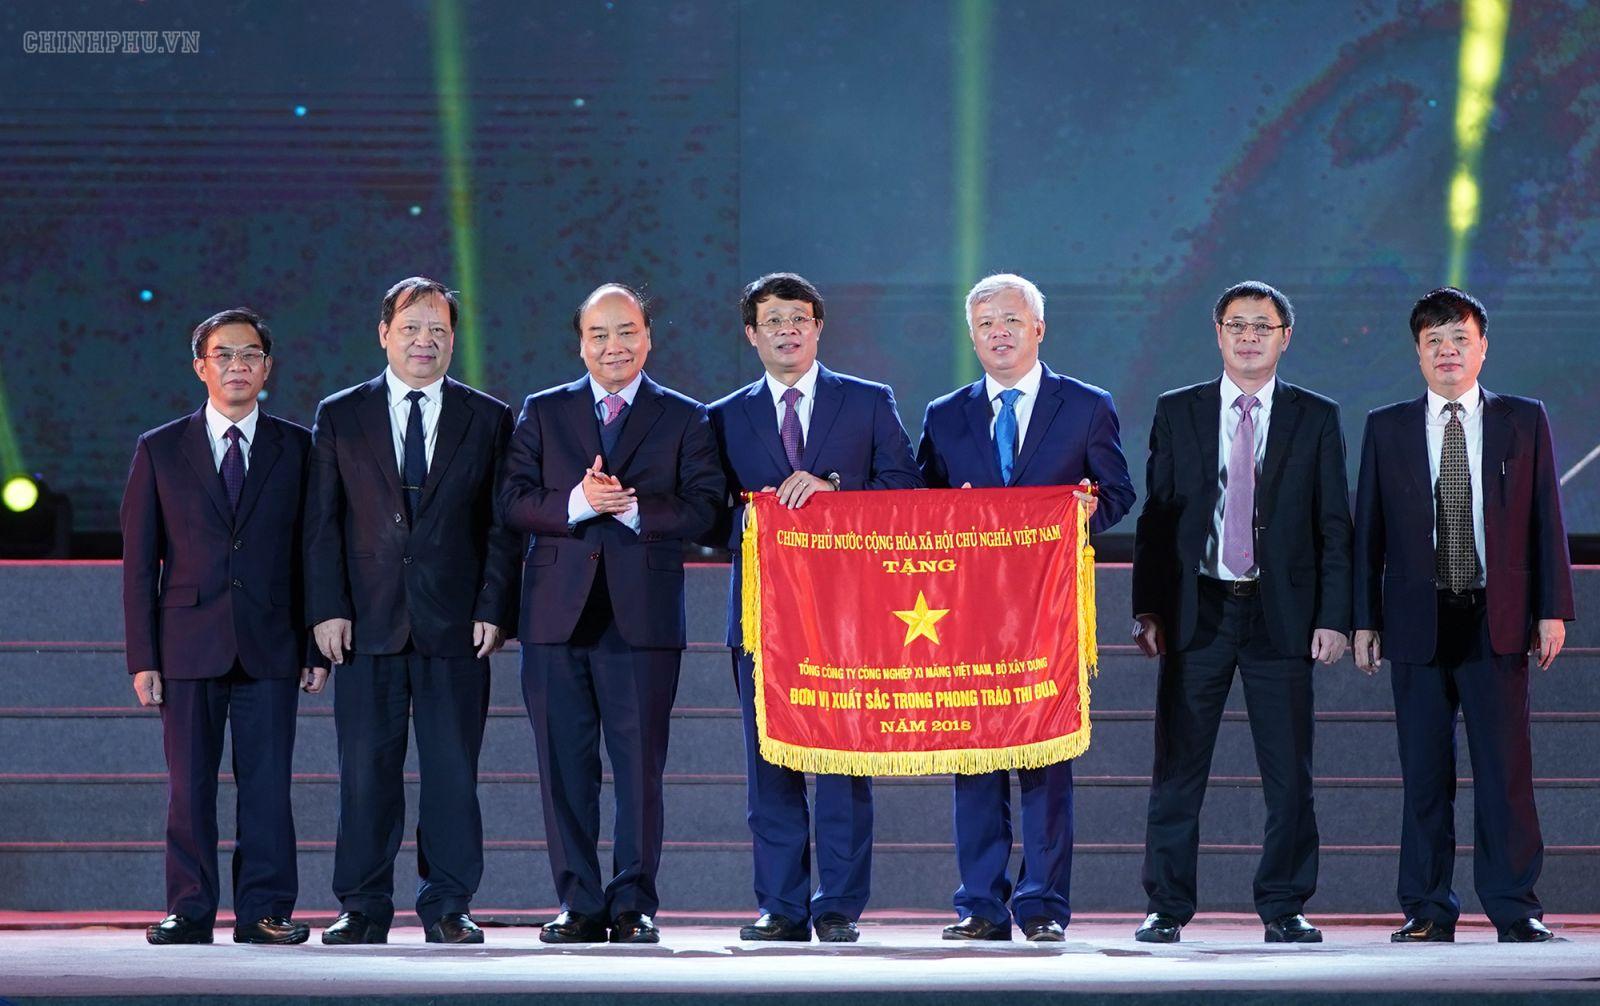 Thủ tướng Chính phủ Nguyễn Xuân Phúc trao tặng Cờ Thi đua Chính phủ cho Tổng công ty Xi măng Việt Nam. Ảnh: VGP/Quang Hiếu